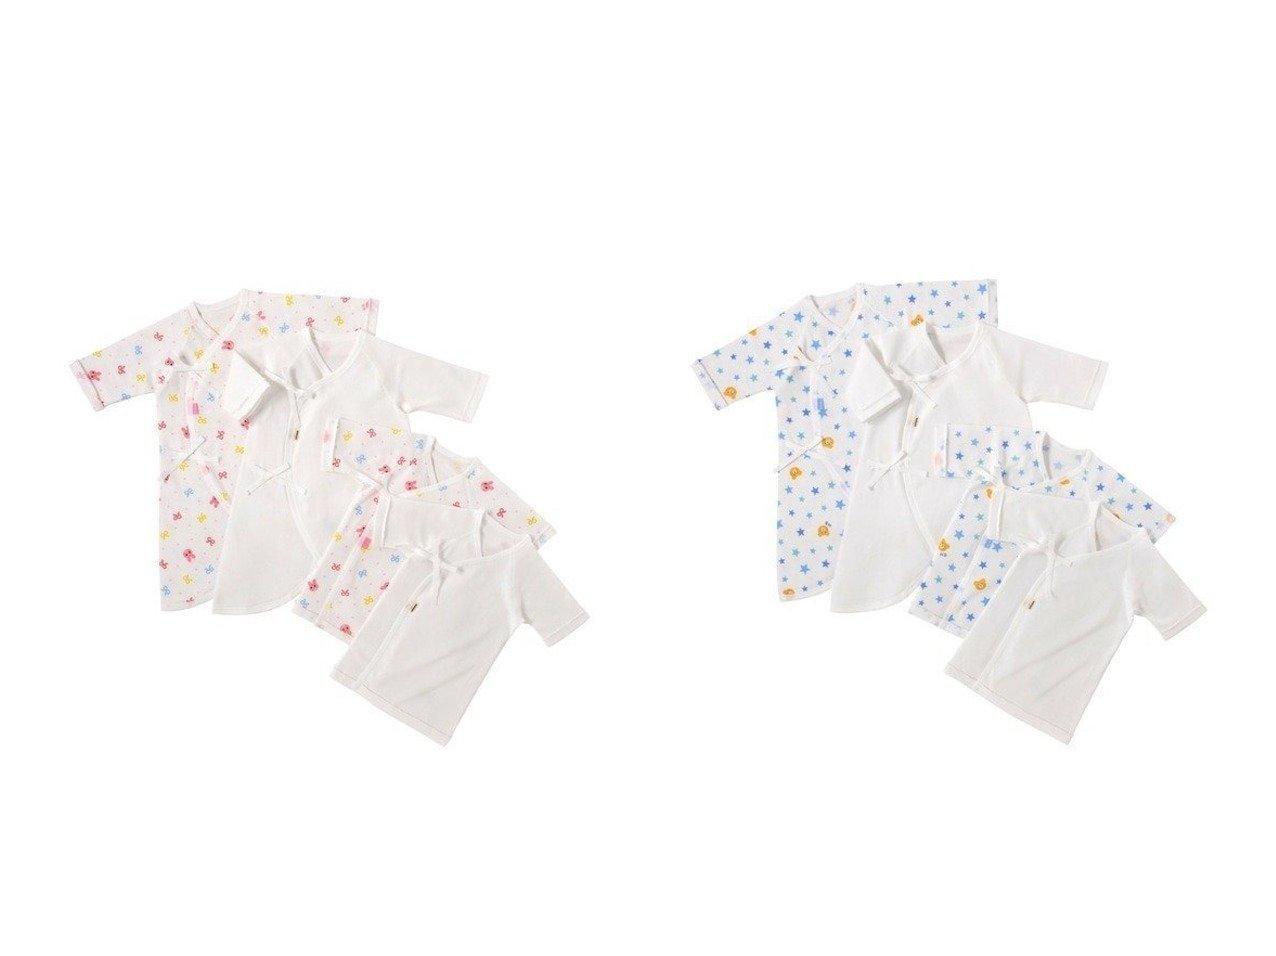 【MIKI HOUSE HOT BISCUITS / KIDS/ミキハウスホットビスケッツ】の【HOTBISCUITS】【日本製】肌着セット 【KIDS】子供服のおすすめ!人気トレンド・キッズファッションの通販  おすすめで人気の流行・トレンド、ファッションの通販商品 メンズファッション・キッズファッション・インテリア・家具・レディースファッション・服の通販 founy(ファニー) https://founy.com/ ファッション Fashion キッズファッション KIDS コンビ フィット プリント 送料無料 Free Shipping |ID:crp329100000011280